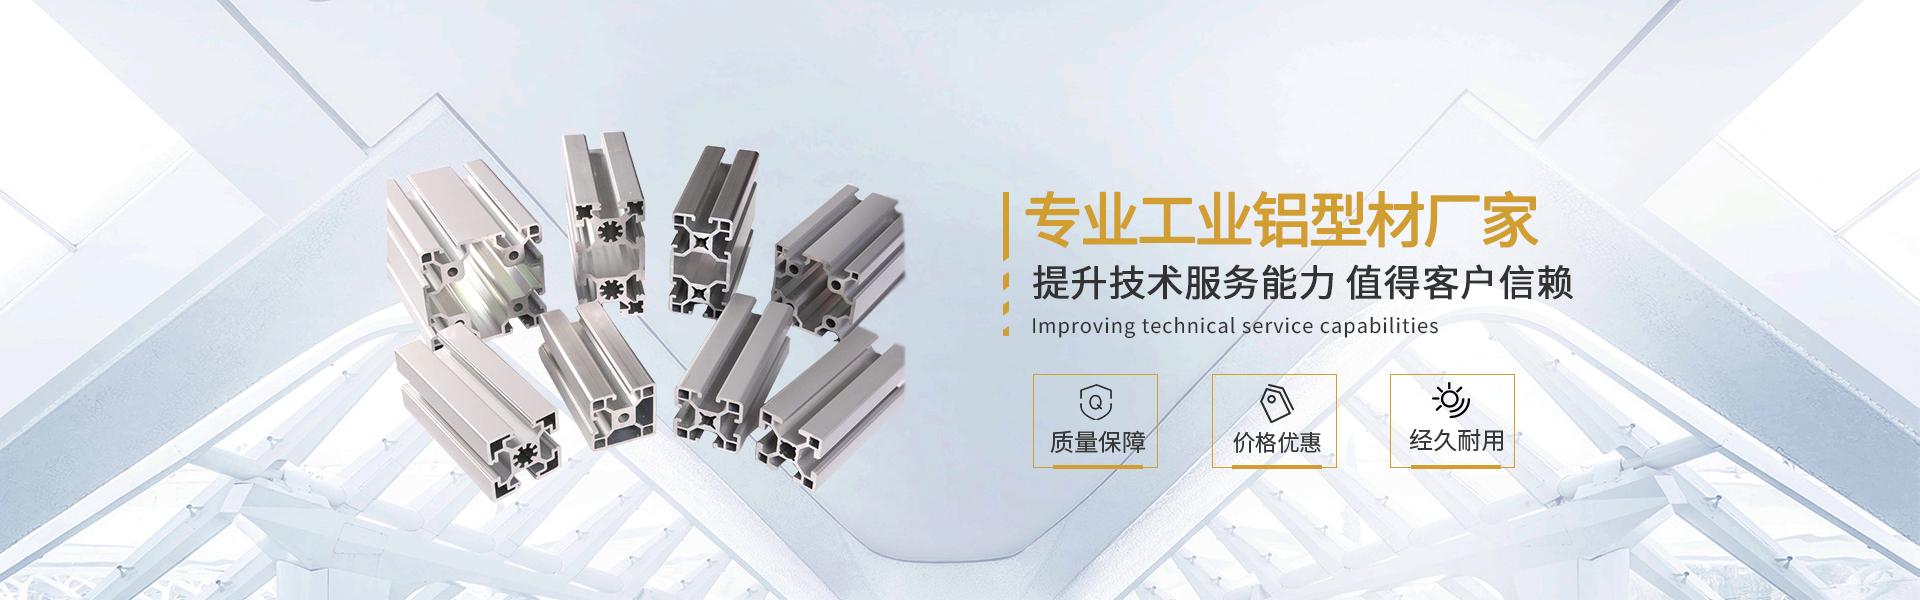 口罩机铝型材, 工业铝型材配件